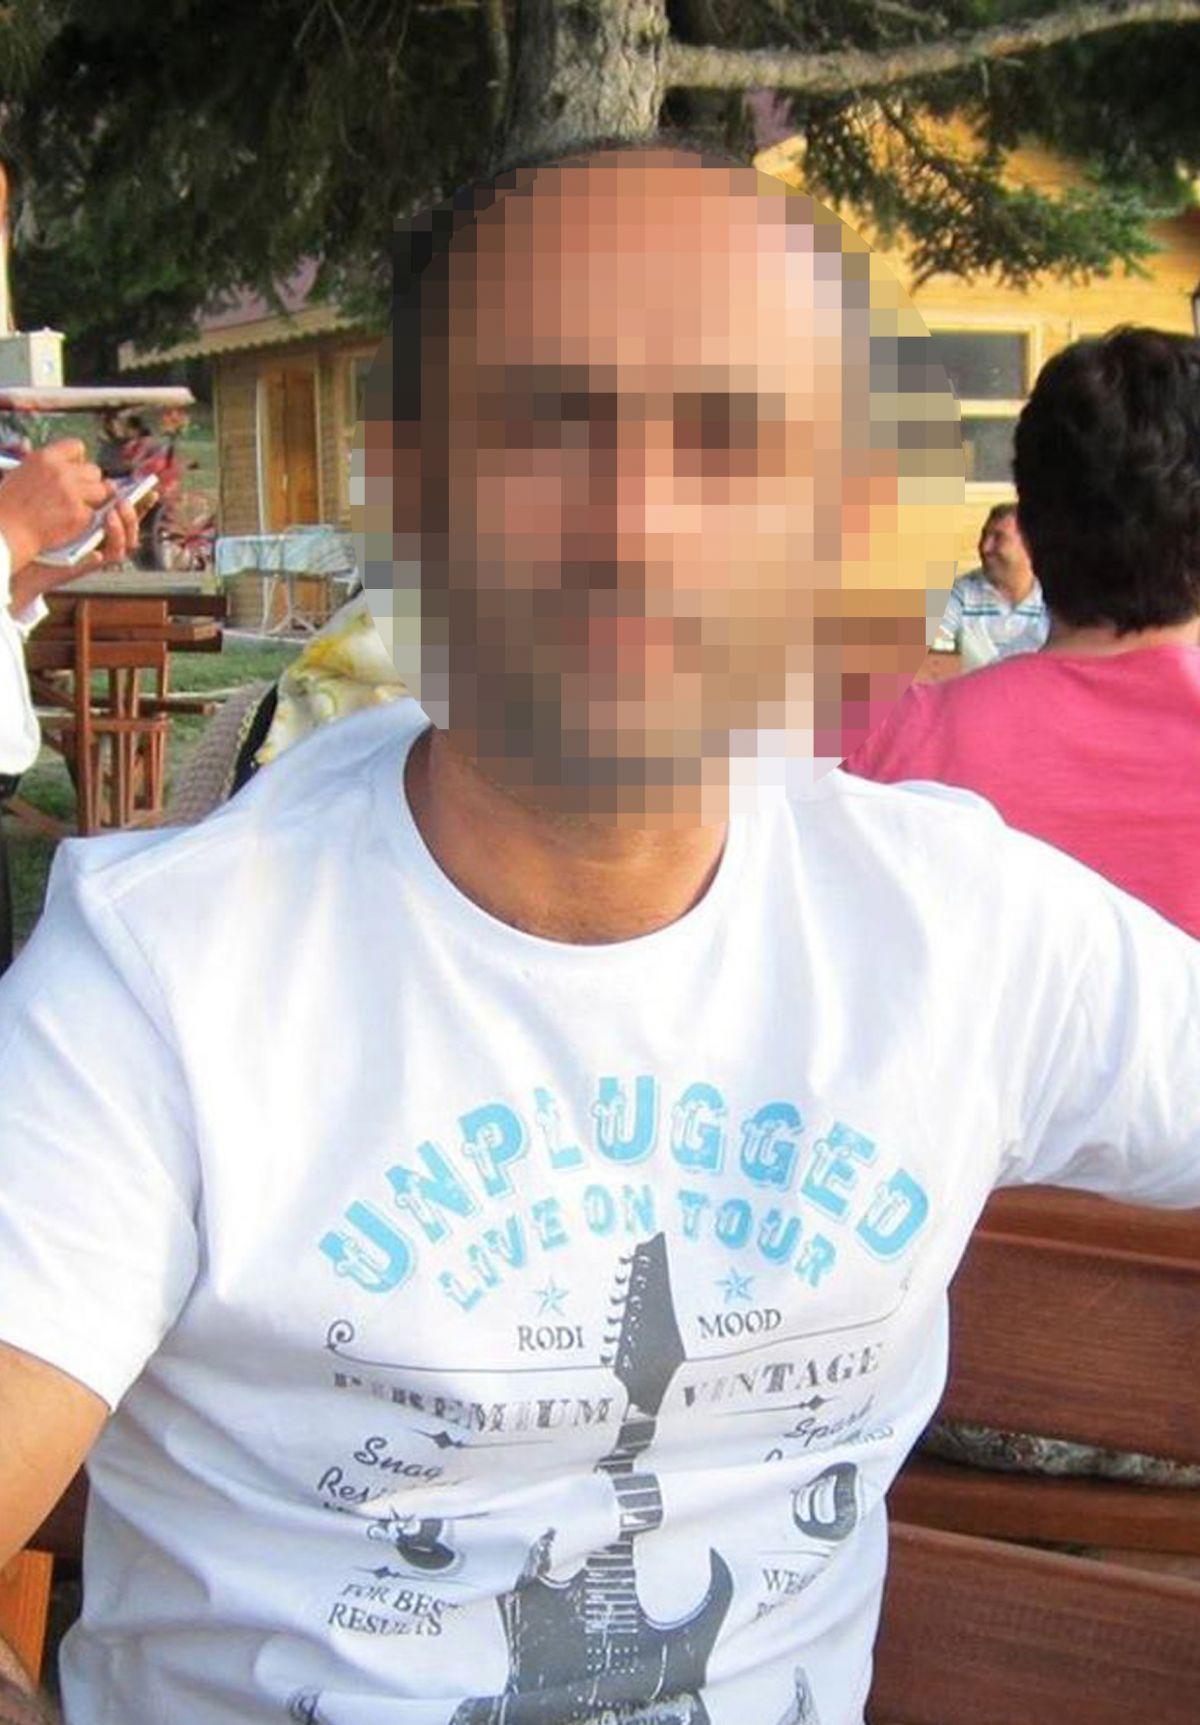 Antalya da 16 yaşındaki kızın taciz davasında beraat kararı çıktı, aile itiraz etti #1